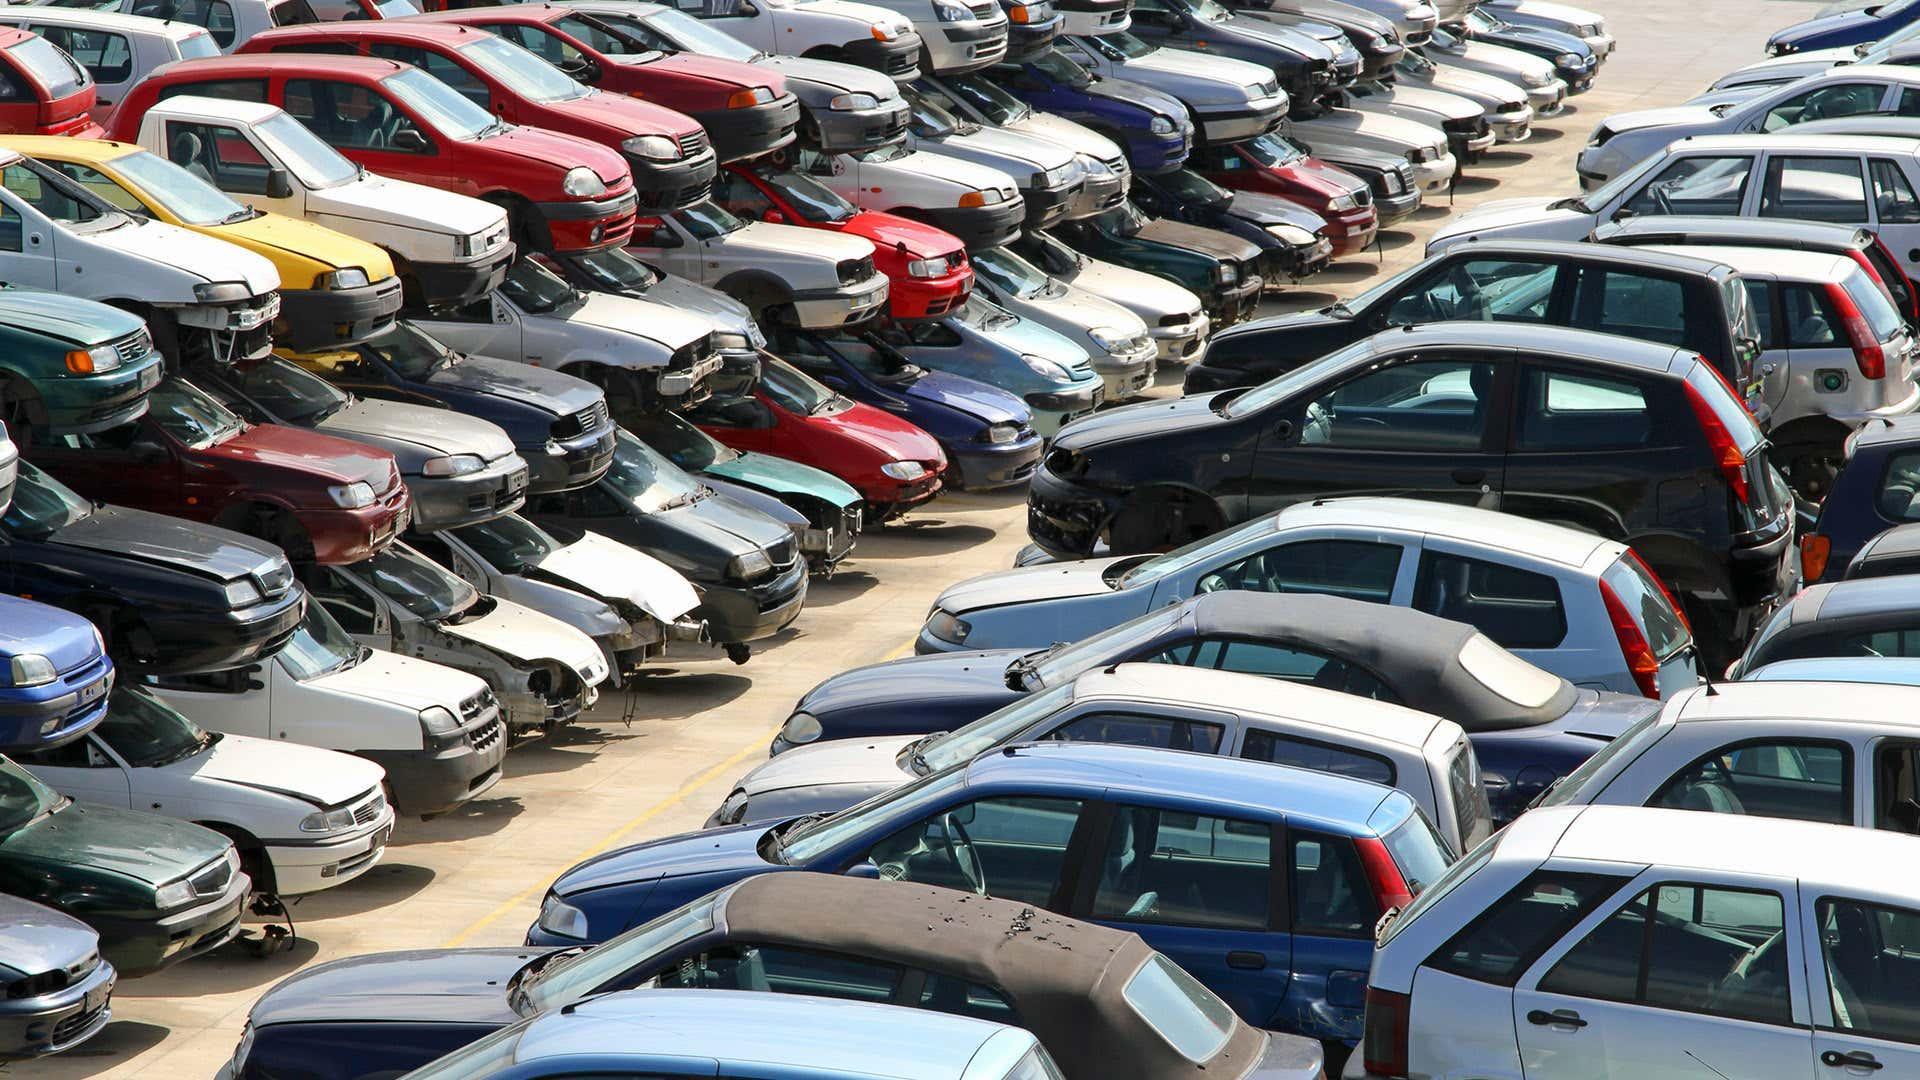 A pool of cars sit in a junkyard.